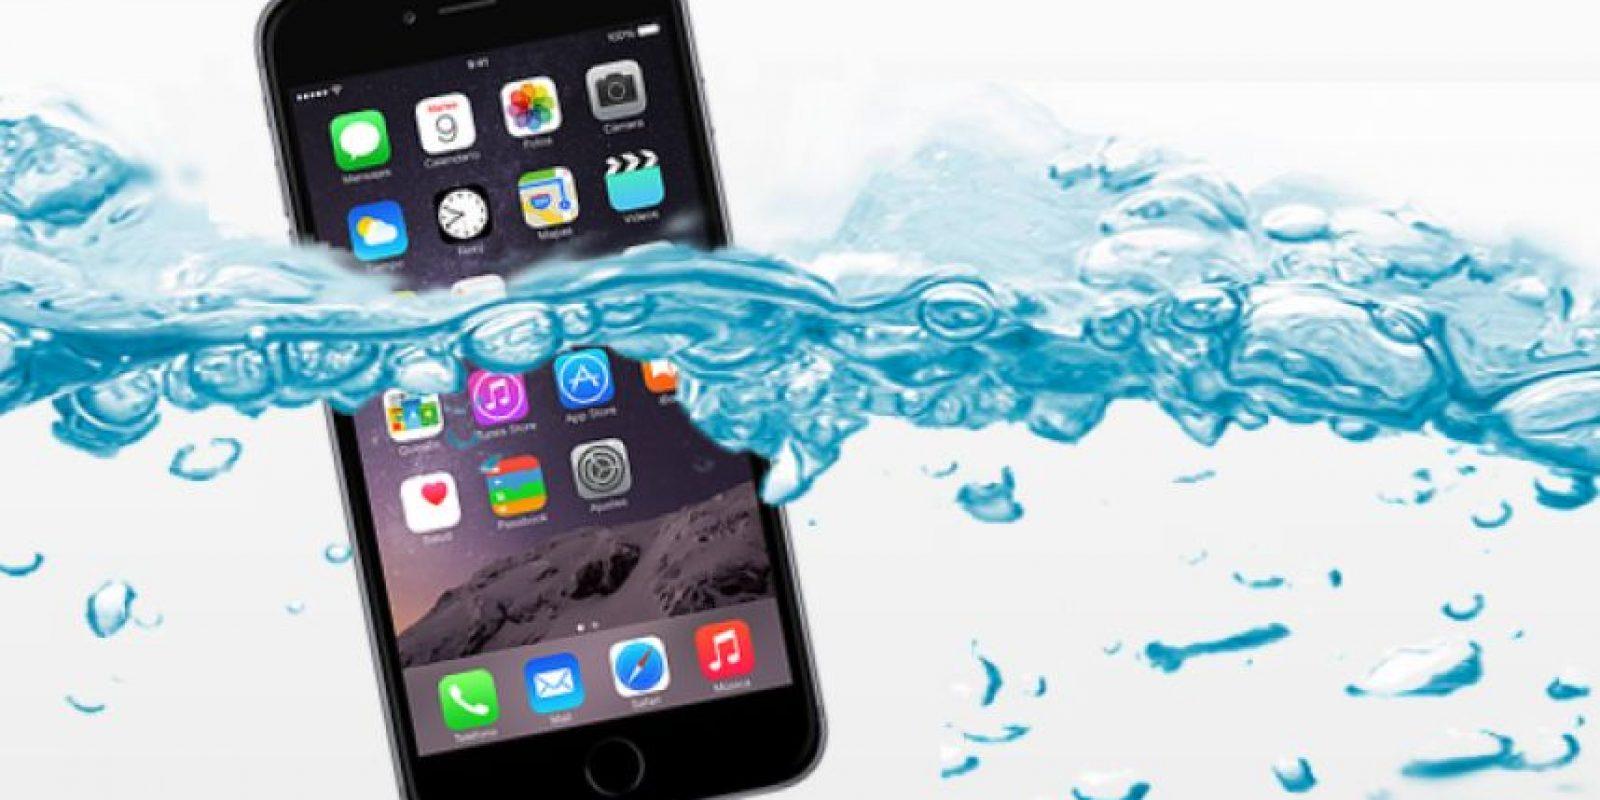 Revivan los móviles que cayeron al agua con Waterrevive Blue. Foto:waterrevive.com